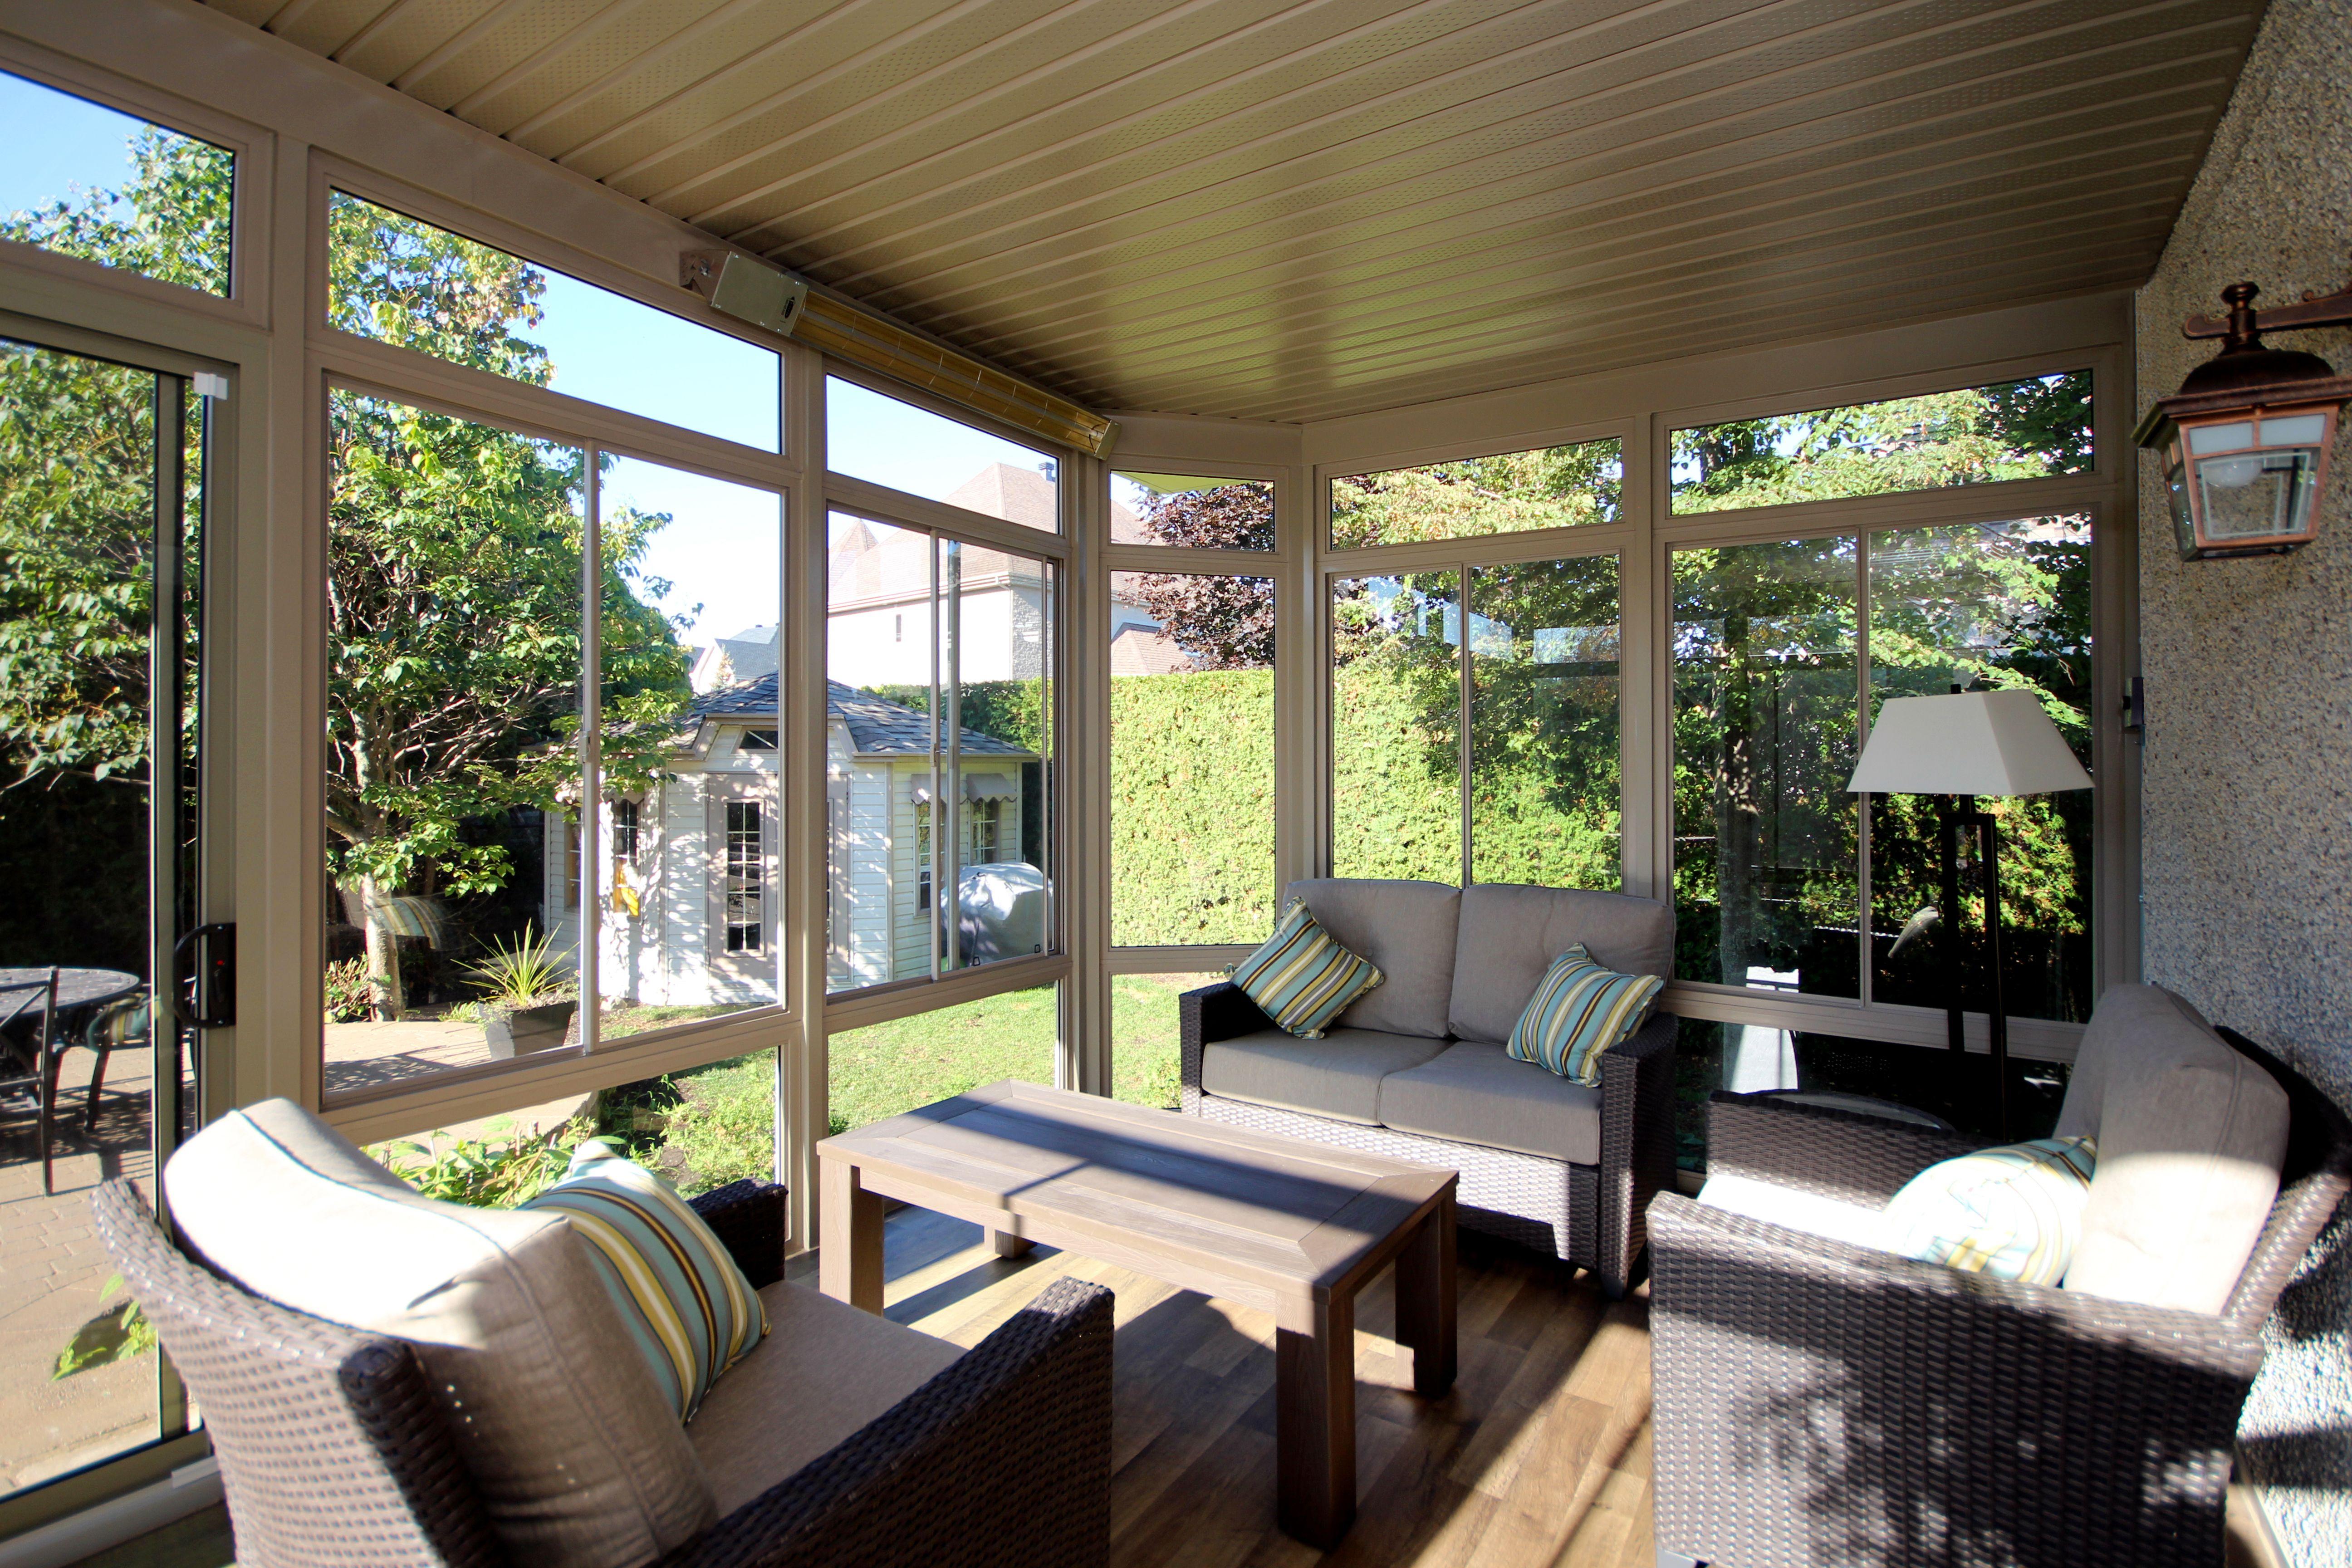 Chauffe Terrasse Dans Votre Solarium 3 Saisons Devancez L Ete Qui Tarde A Arriver Outdoor Decor Patio Pergola